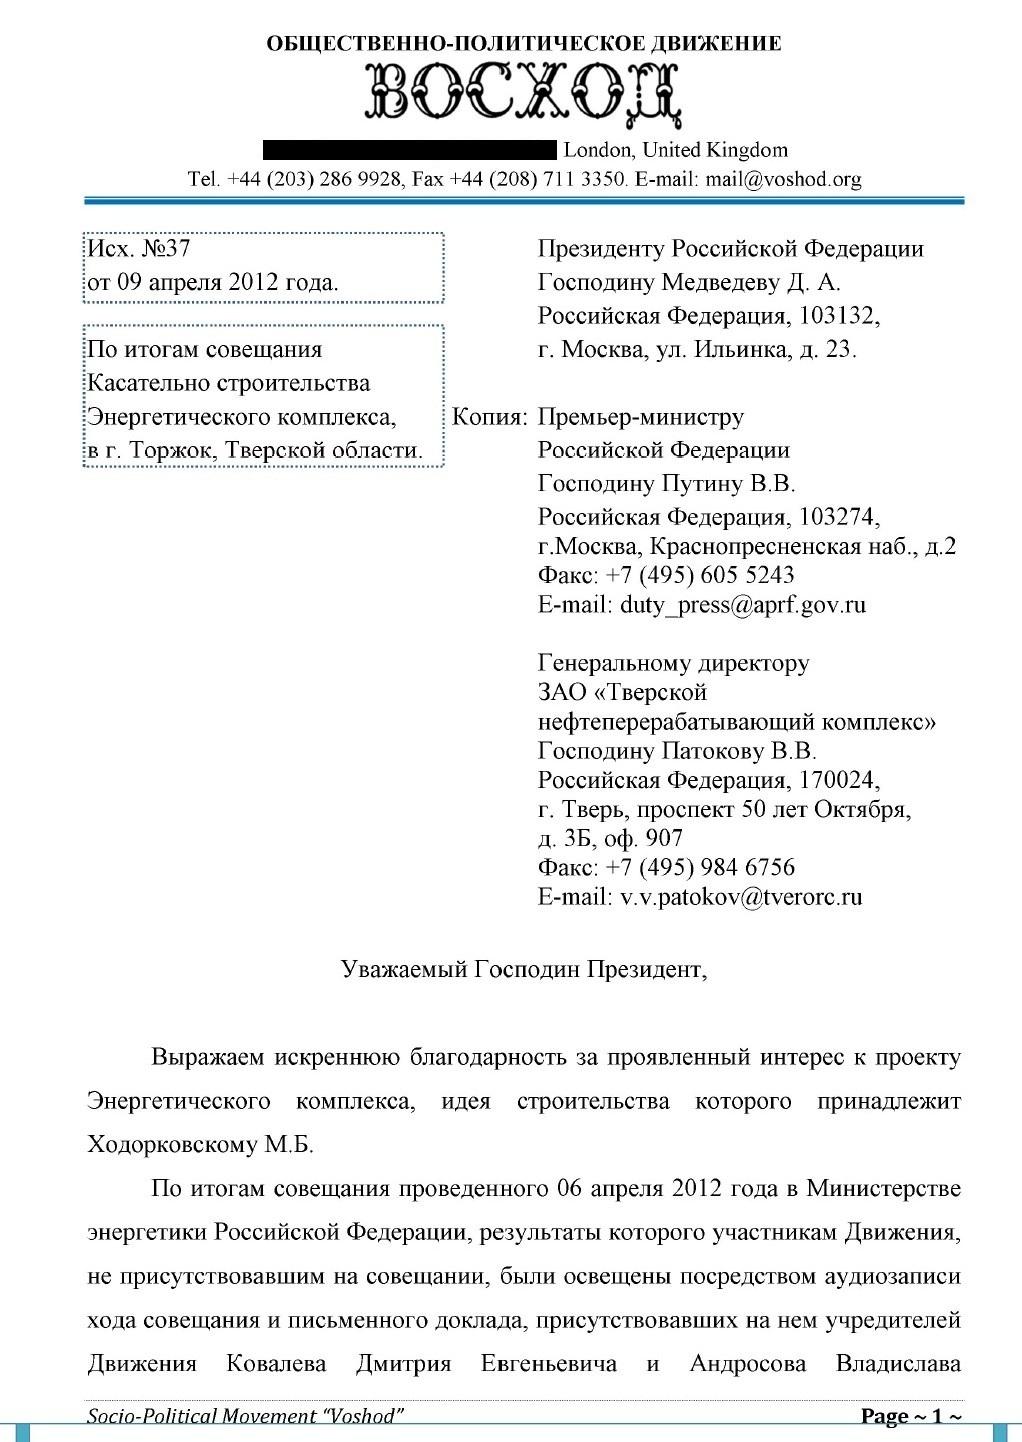 12. Письмо в Кремль по итогам совещания в Минэнерго России (от 09 апреля 2012 года).